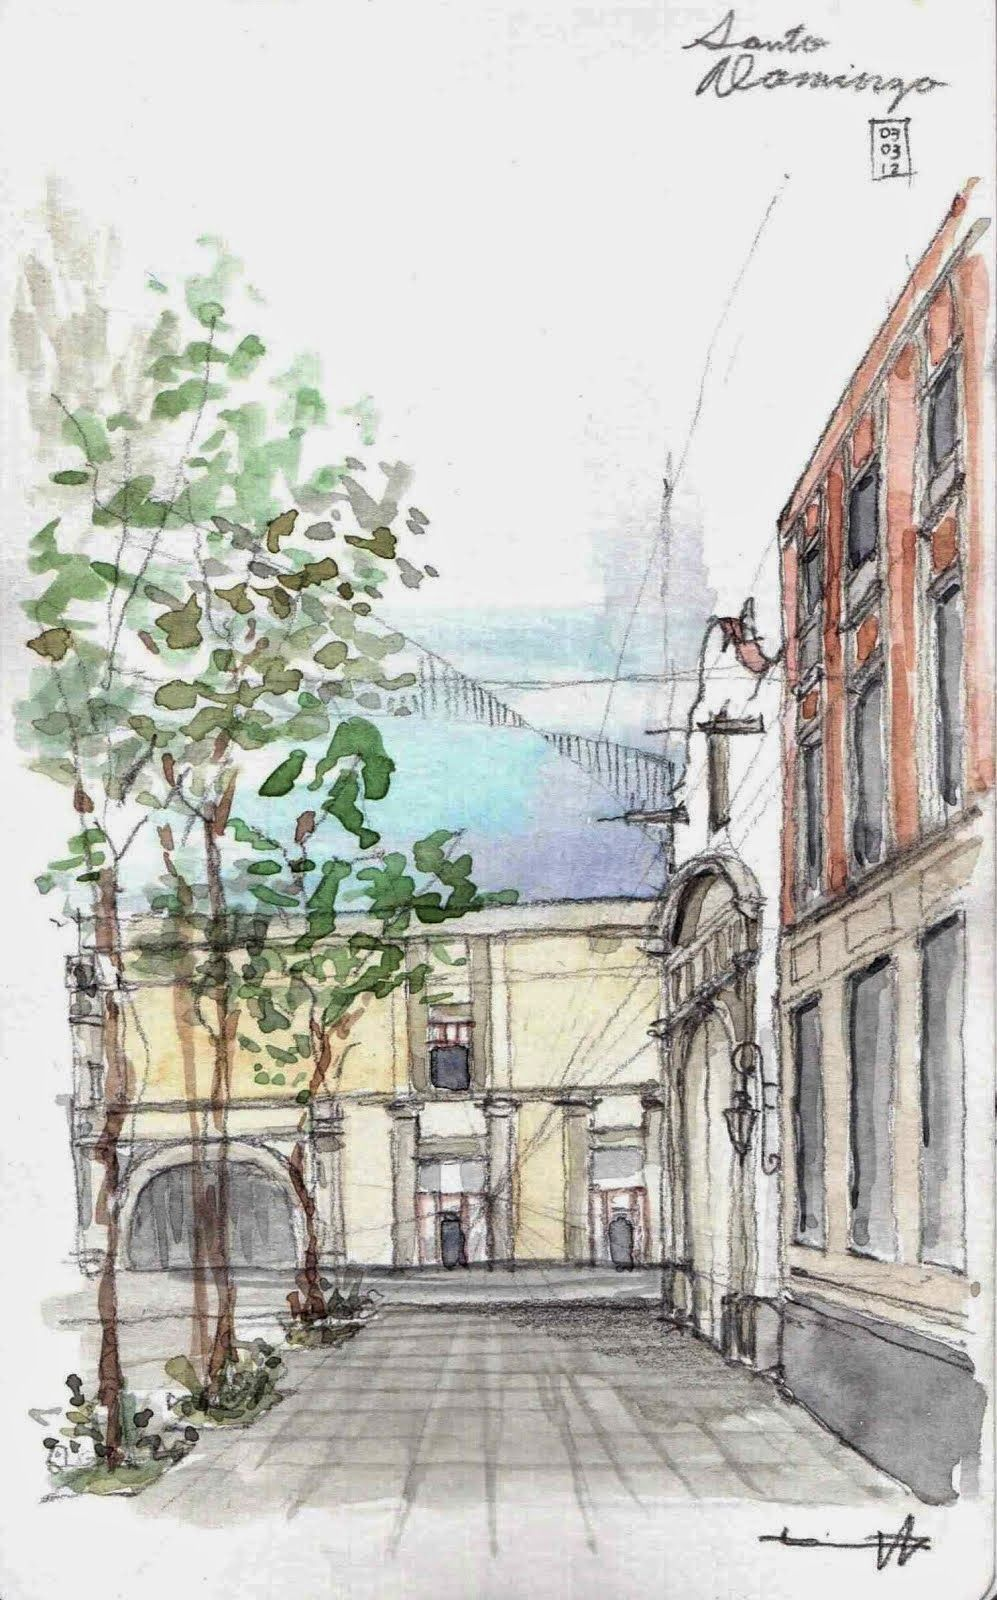 Revista Digital Apuntes De Arquitectura Bocetos A Mano Alzada Plazas Y Calles Croquis Arquitectura Bocetos Arquitectonicos Dibujo Arquitectonico